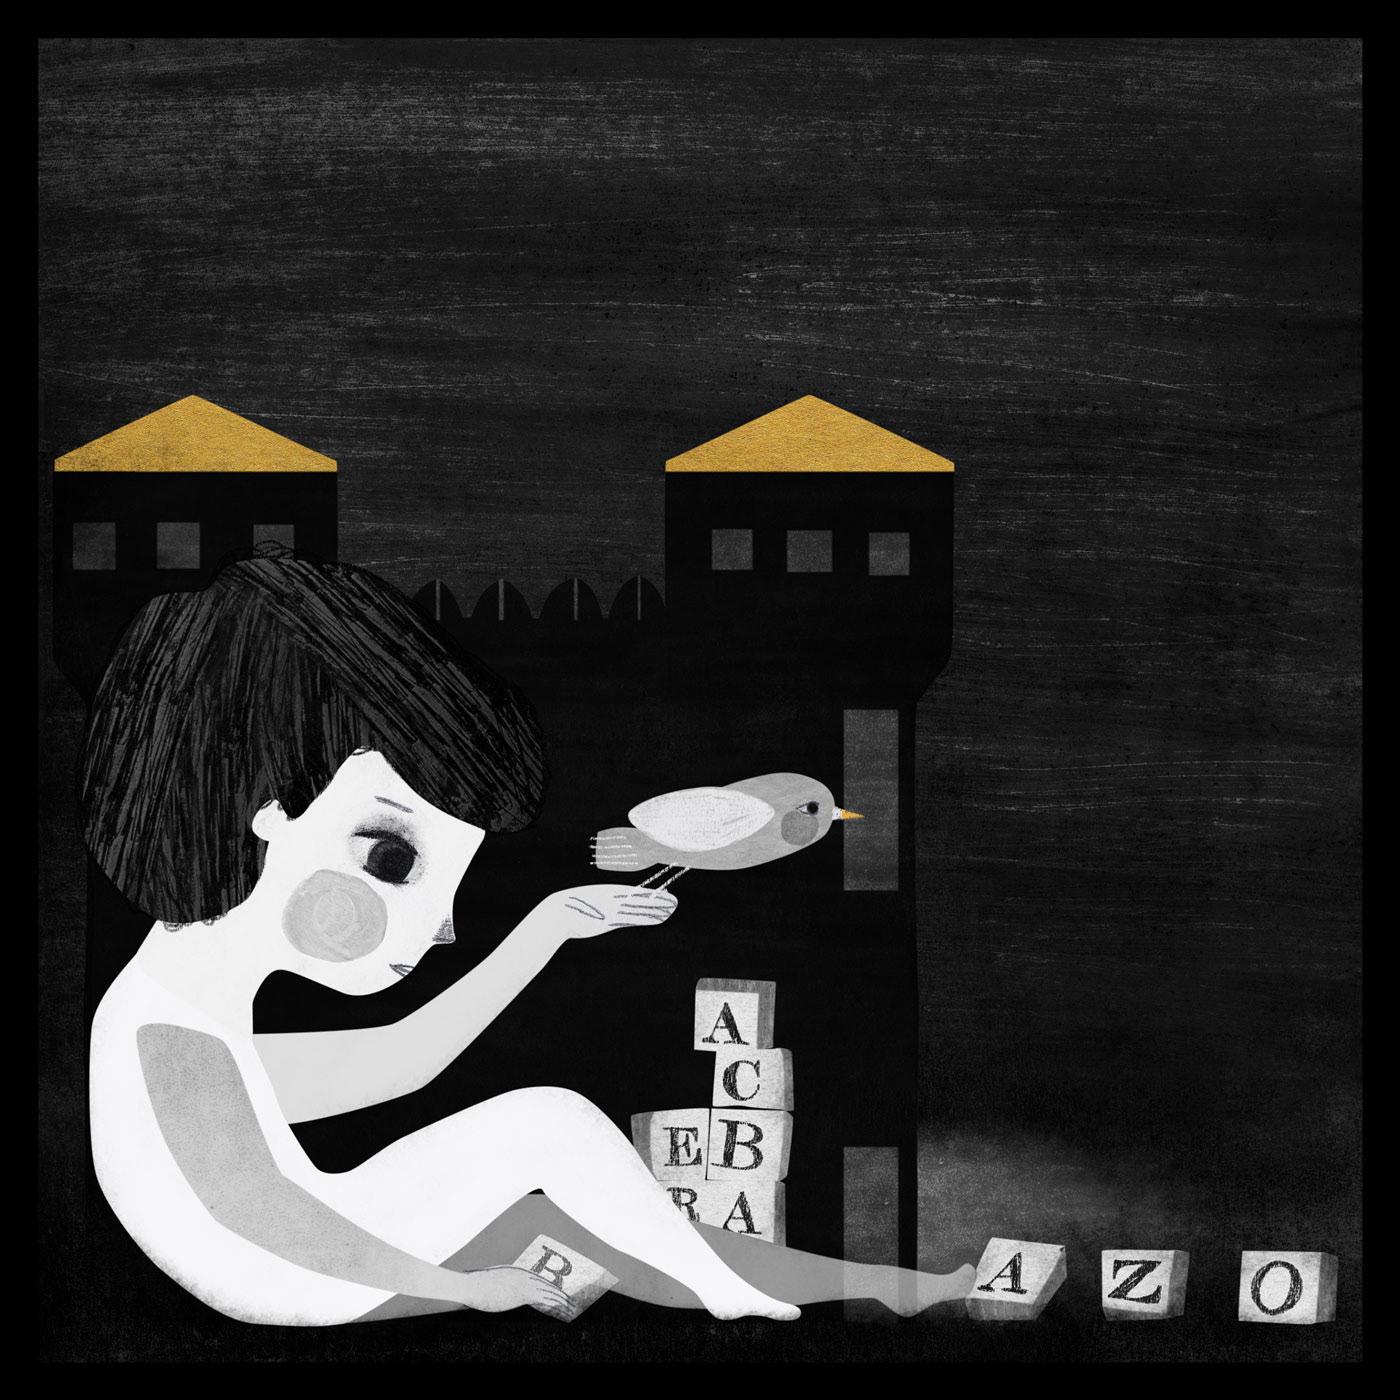 ilustracion ILLUSTRATION  blackandwhite blancoynegro ChildrenIllustration ilustracioninfantil niños kidliart kidbooks kidsillustration